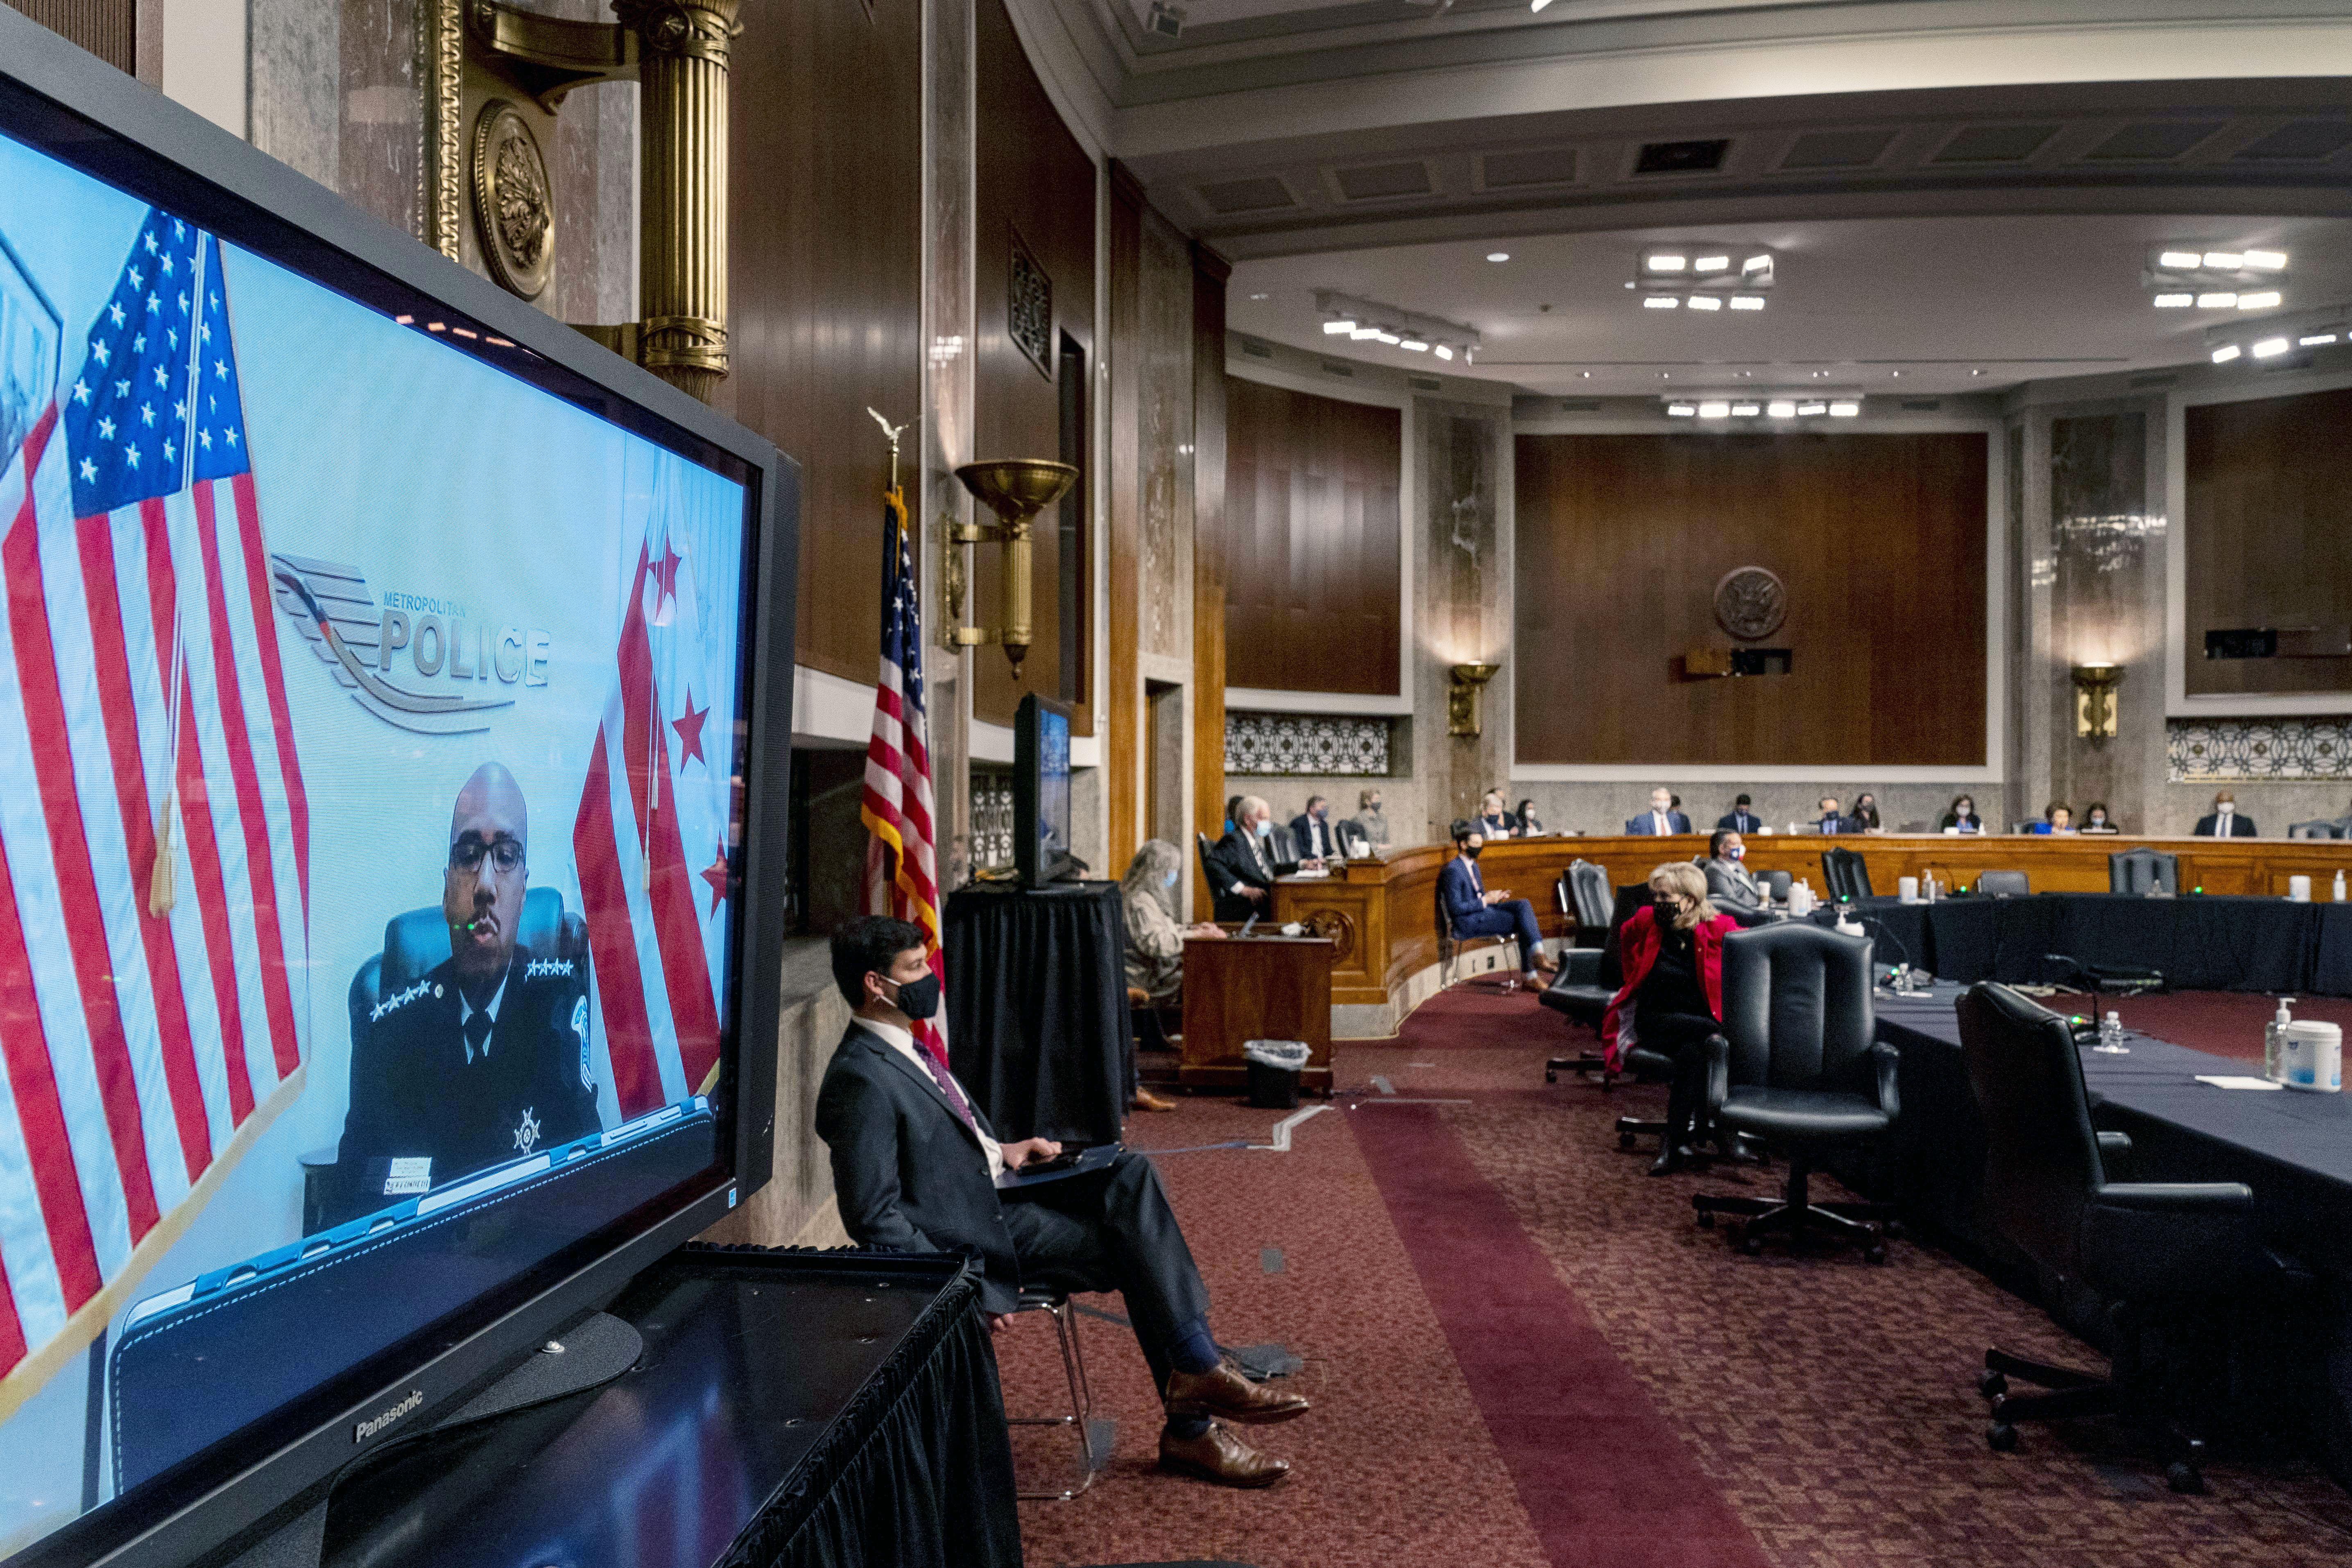 參院規則委員會與國土安全委員會23日舉行聯合聽證會,傳召多名保安官員作供,藉此了解1月6日國會騷亂的來龍去脈。    美聯社